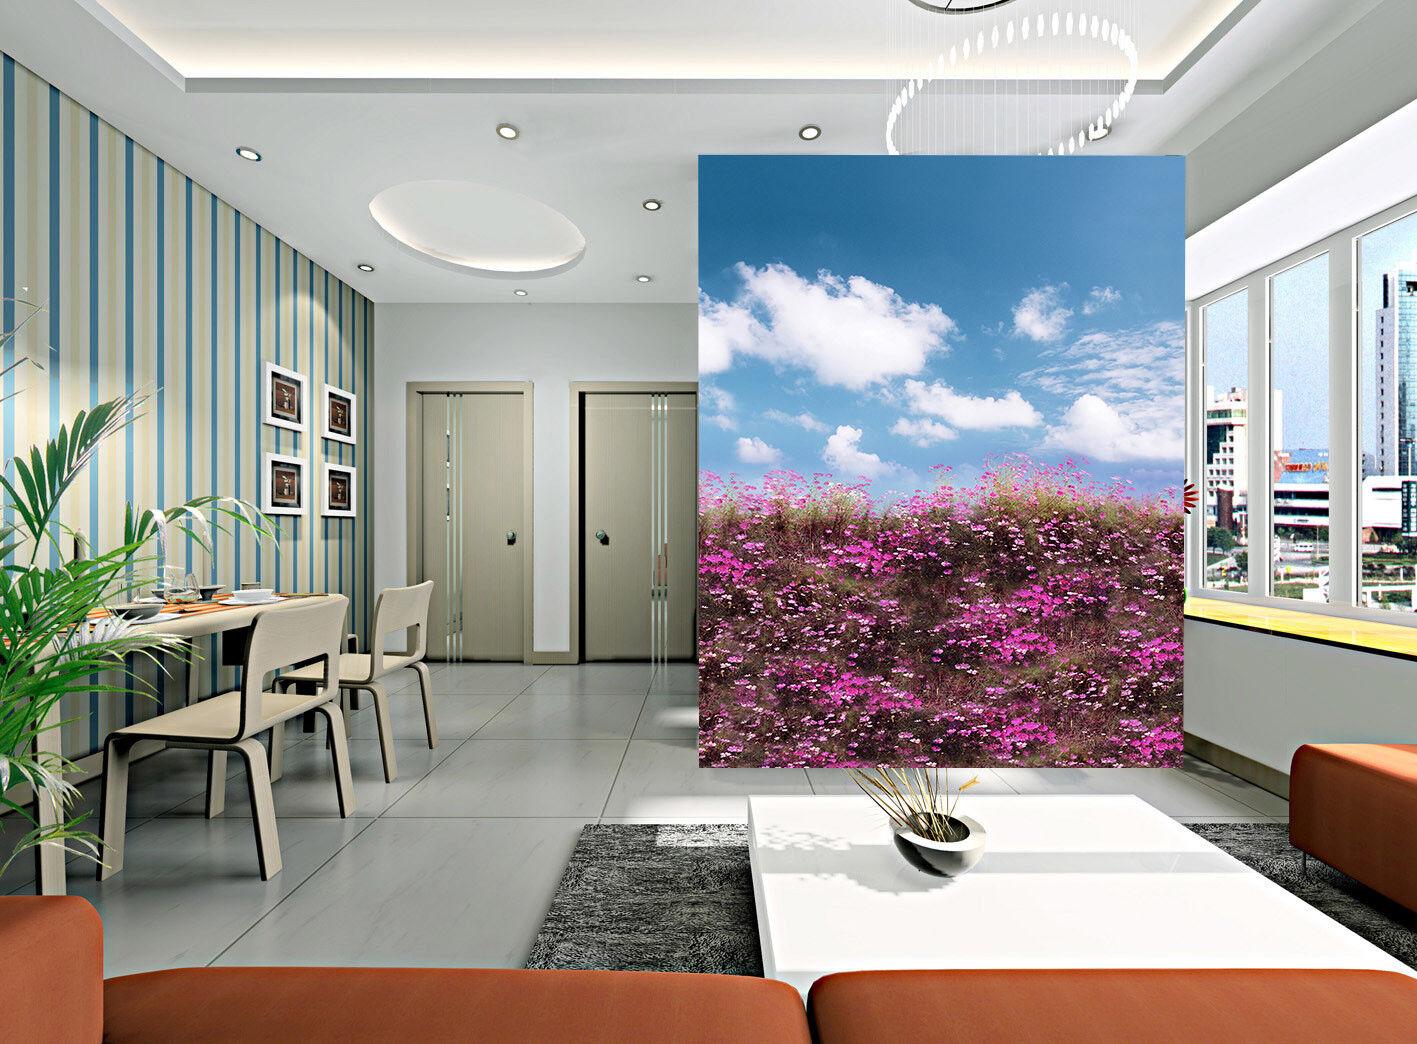 Papel Pintado Mural De Vellón lila Flor Campo Cielo 12 Paisaje Fondo PanGröße